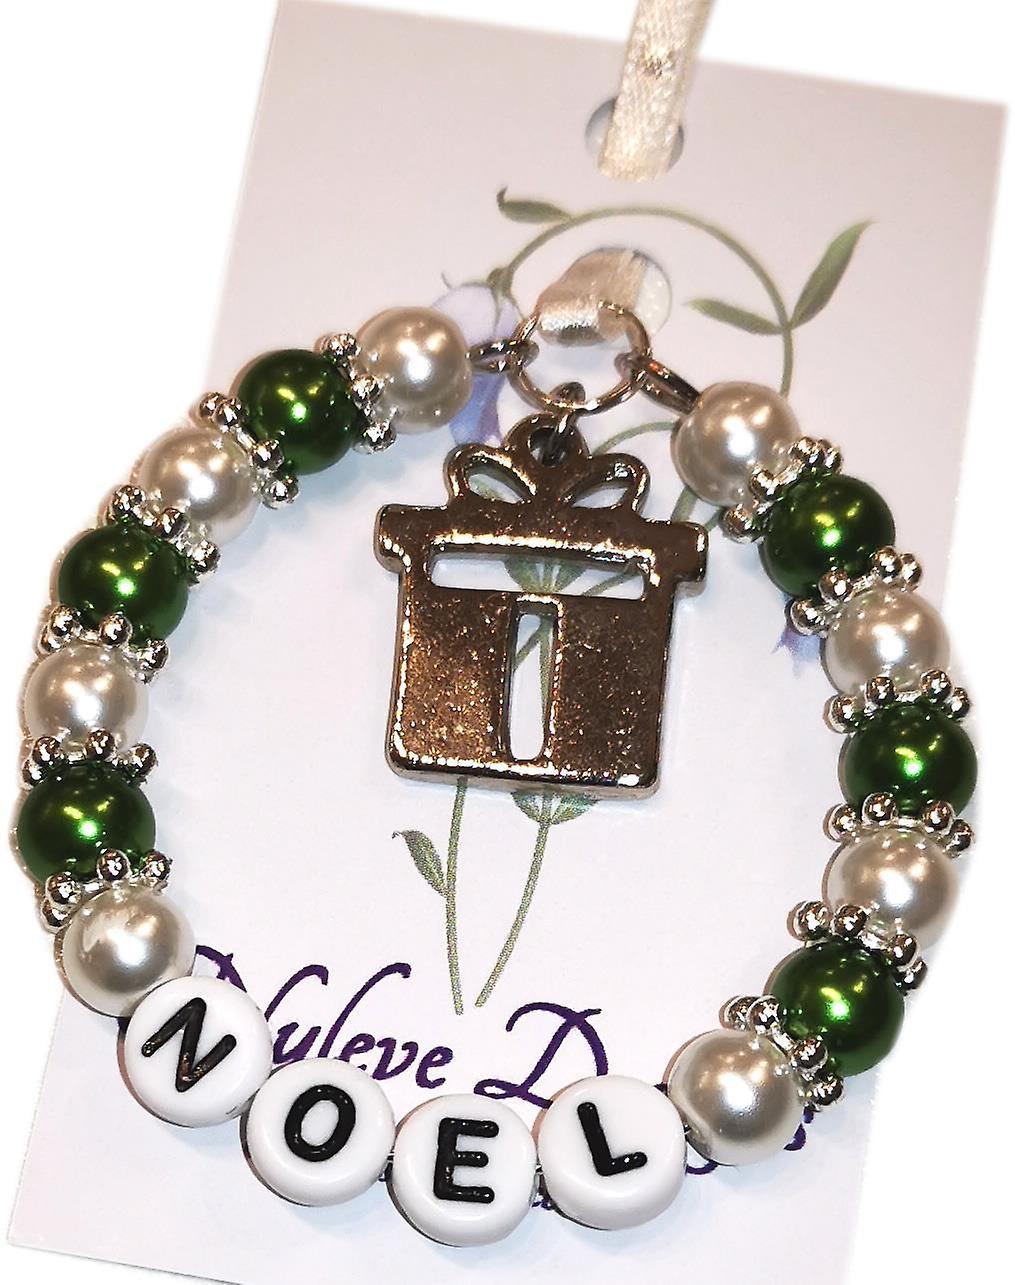 Nyleve Designs handmade Christmas Keepsake in Green - Noel